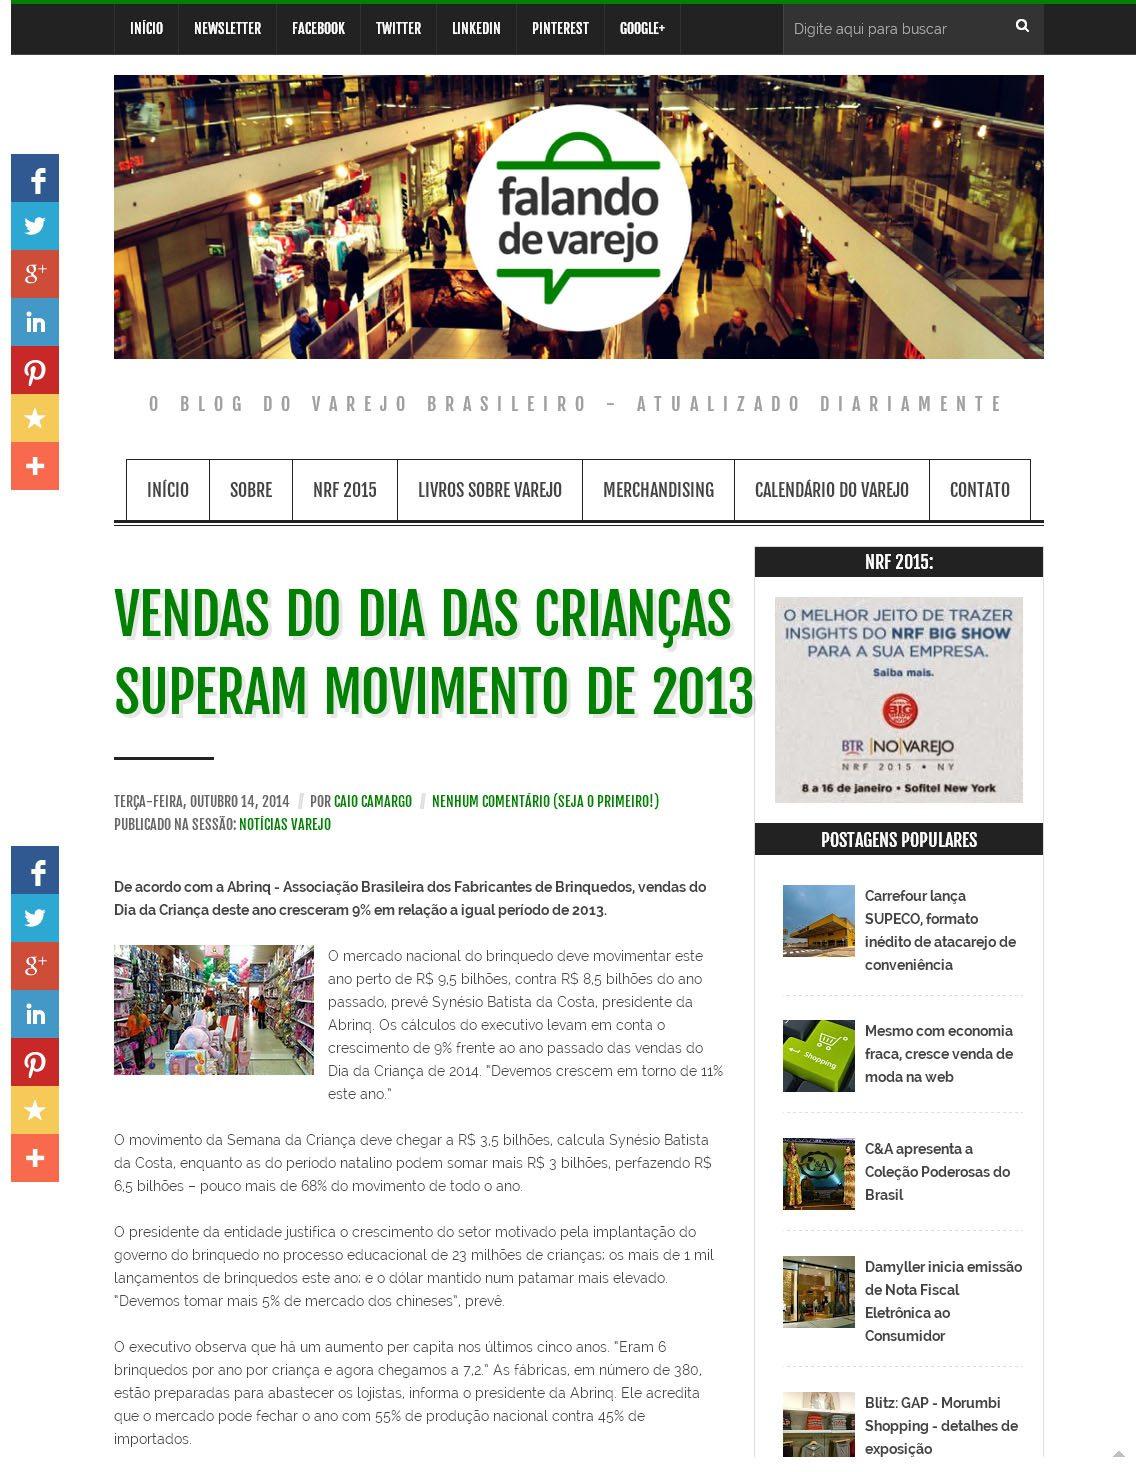 http://www.ppagina.com/wp-content/uploads/2014/10/www.falandodevarejo.com-14.10.14.jpg